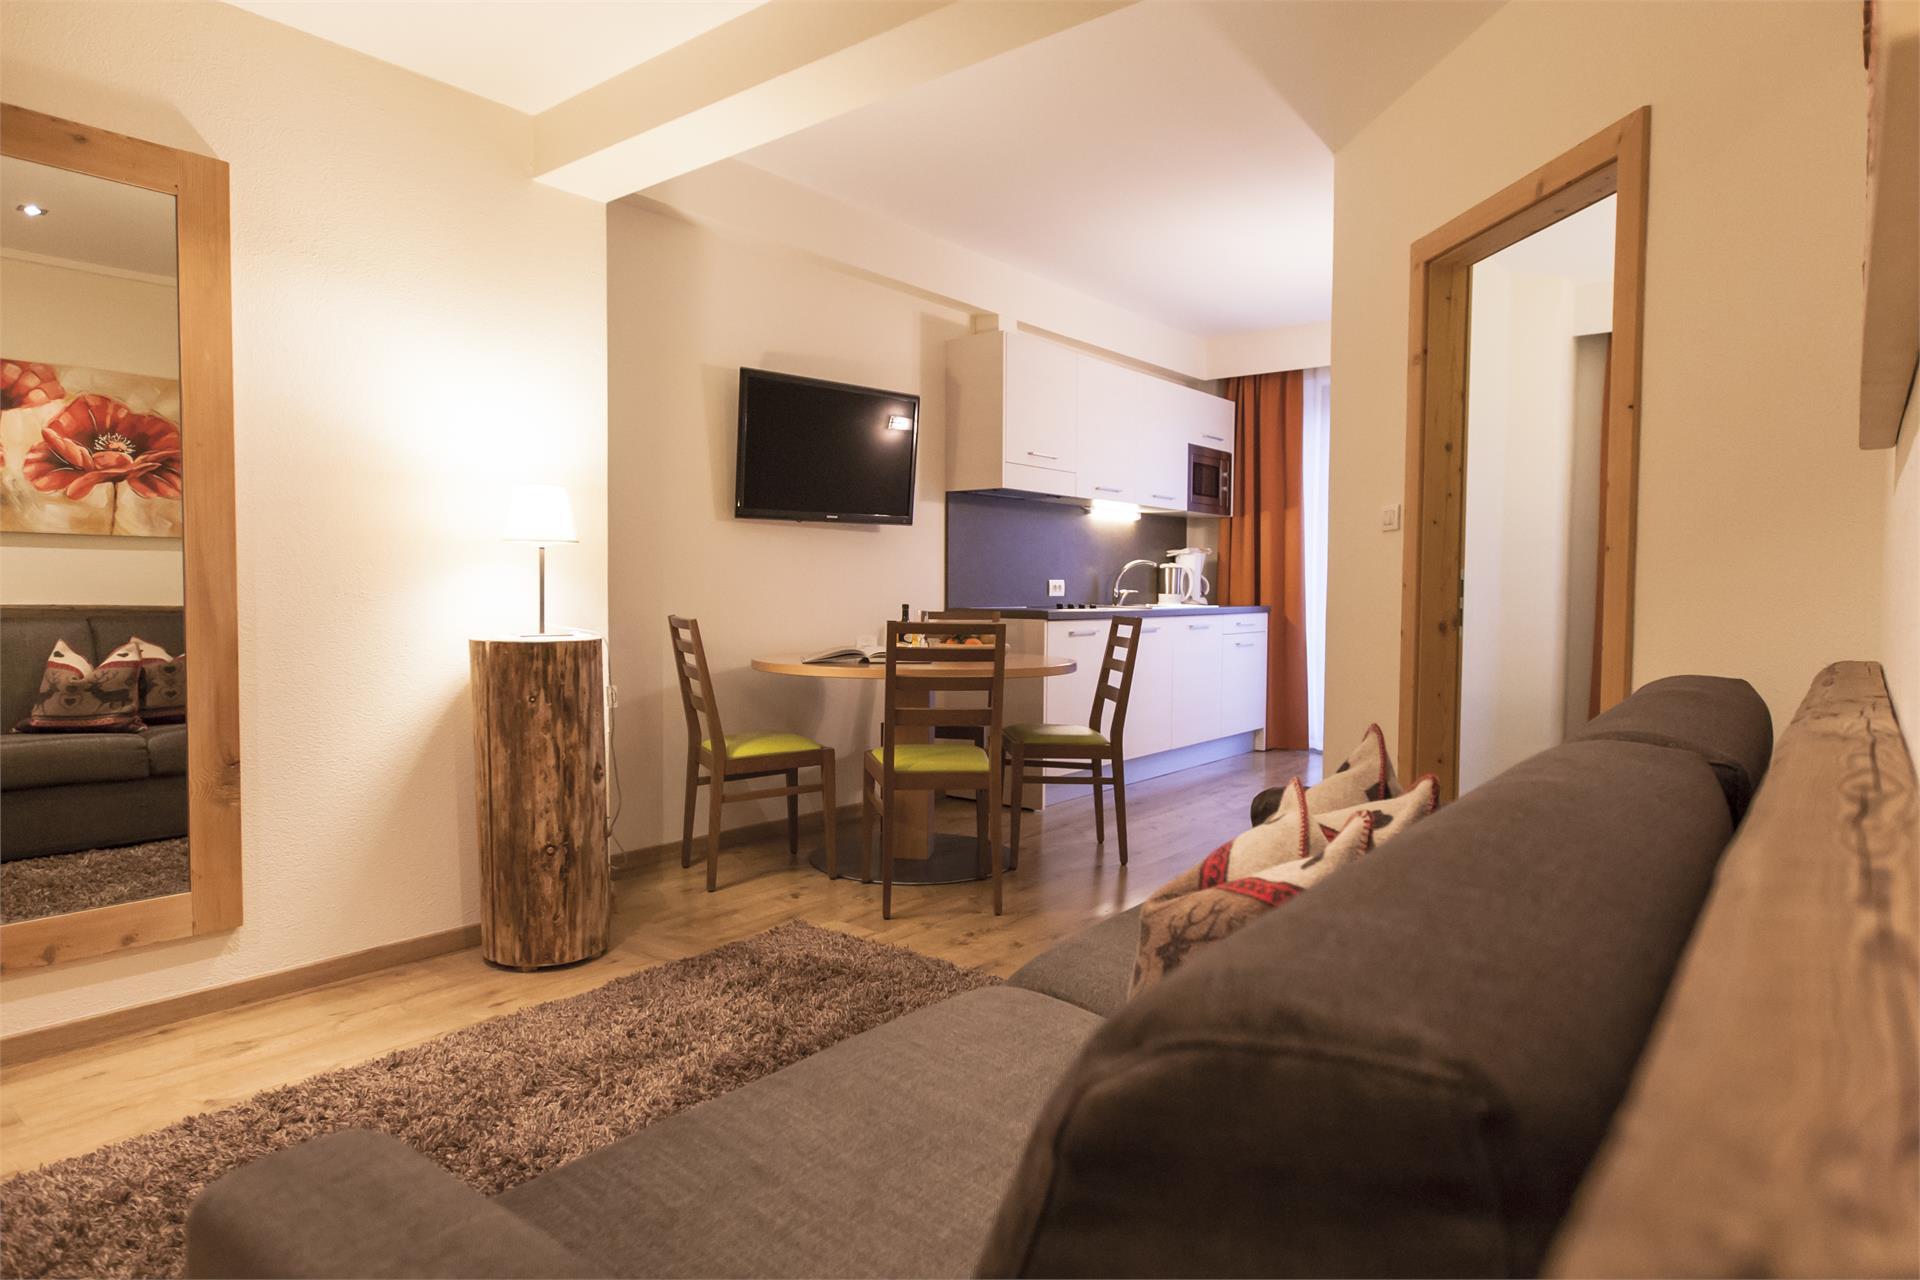 Appartamento composto da soggiorno